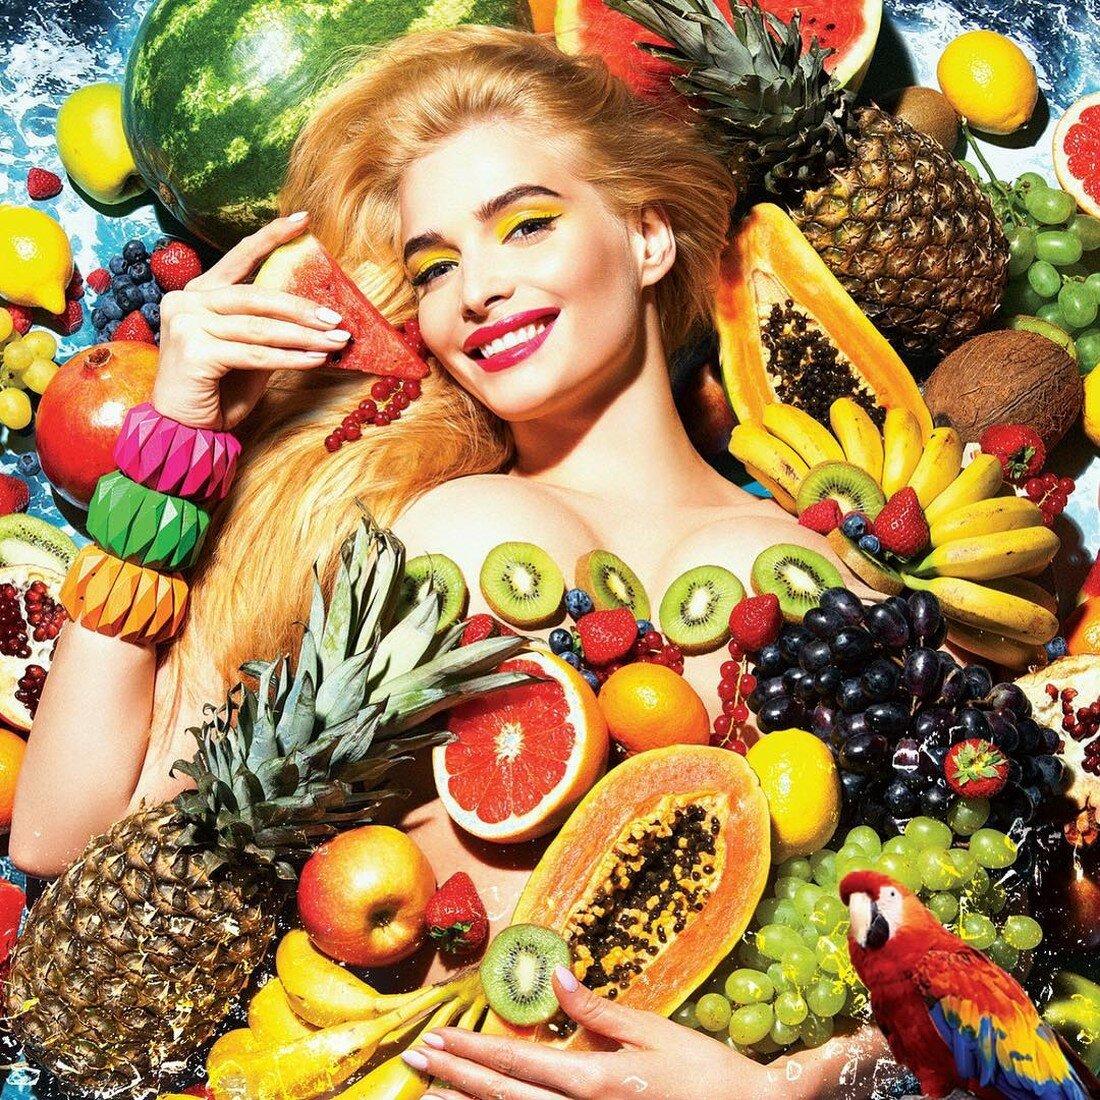 Картинка фрукты и девушка